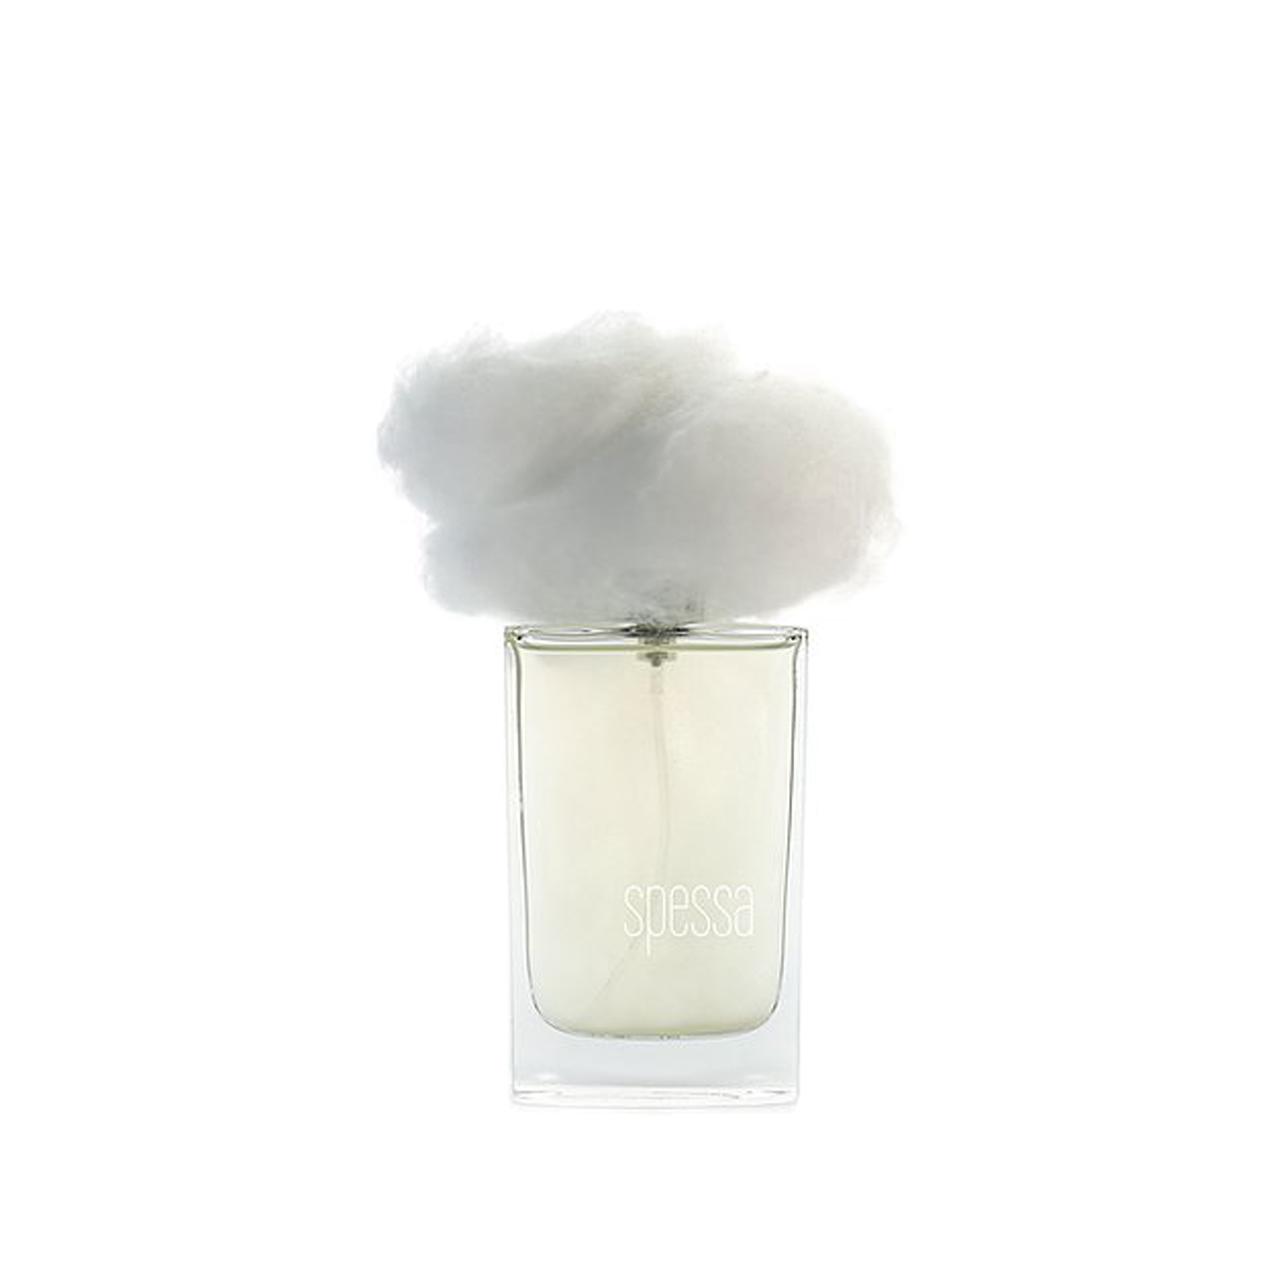 Nebbia Spessa - Extrait de Parfum